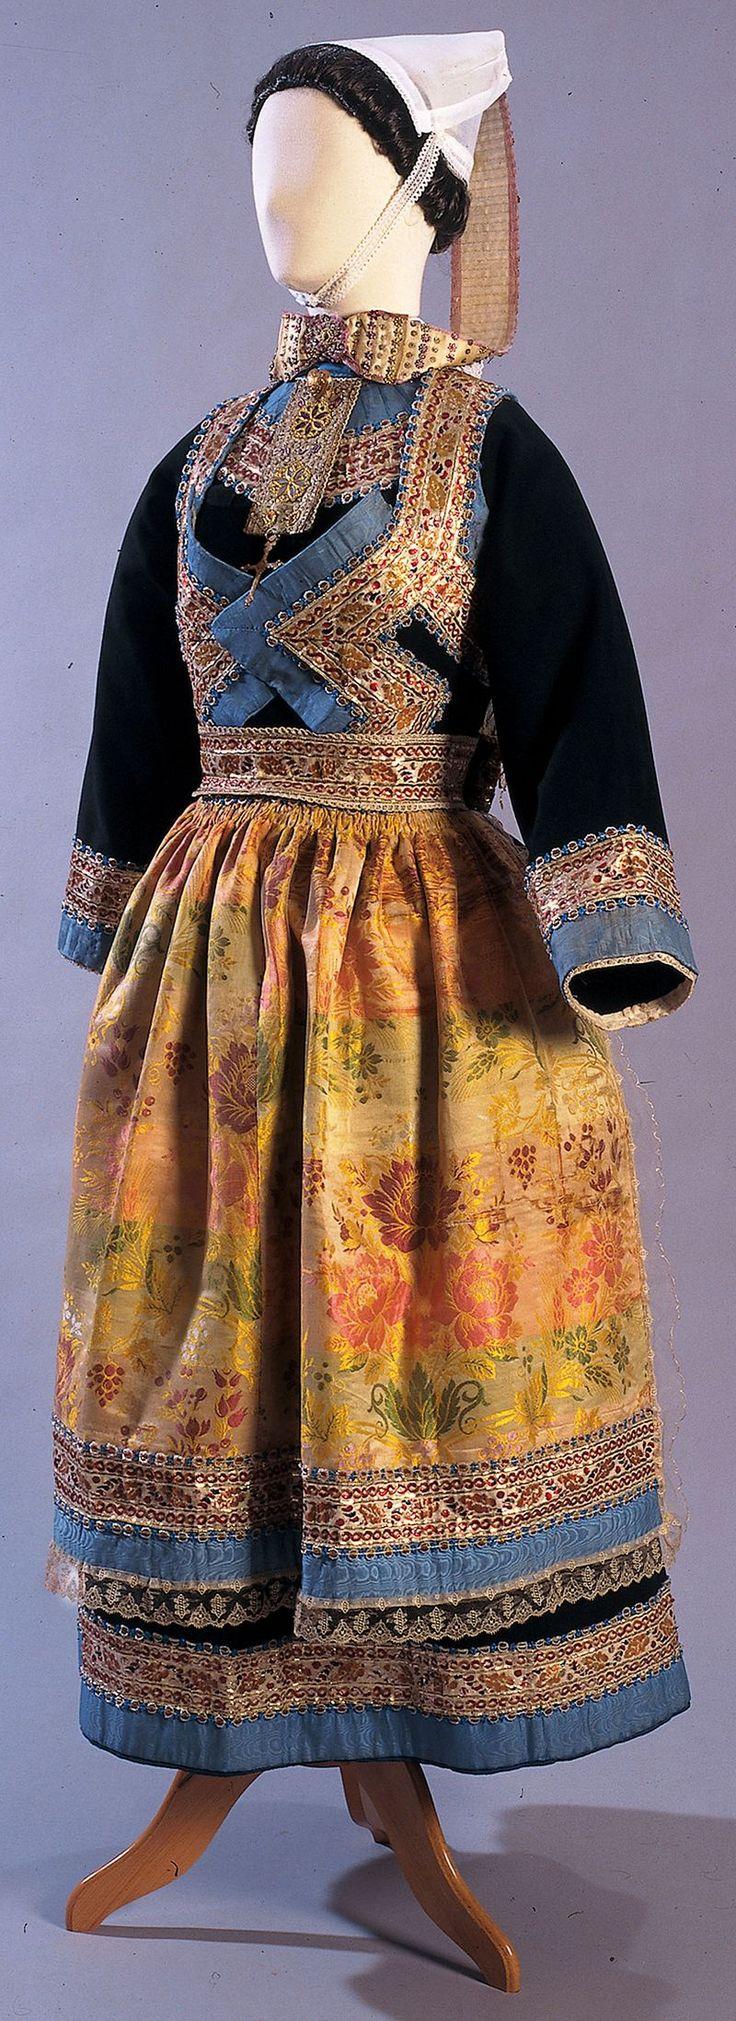 Mariée du Juch La mode ''borledenn'', de Quimper, s'étend jusqu'au Juch, où les femmes ont pu porter ce genre de costume pour leur mariage vers les années 1890.